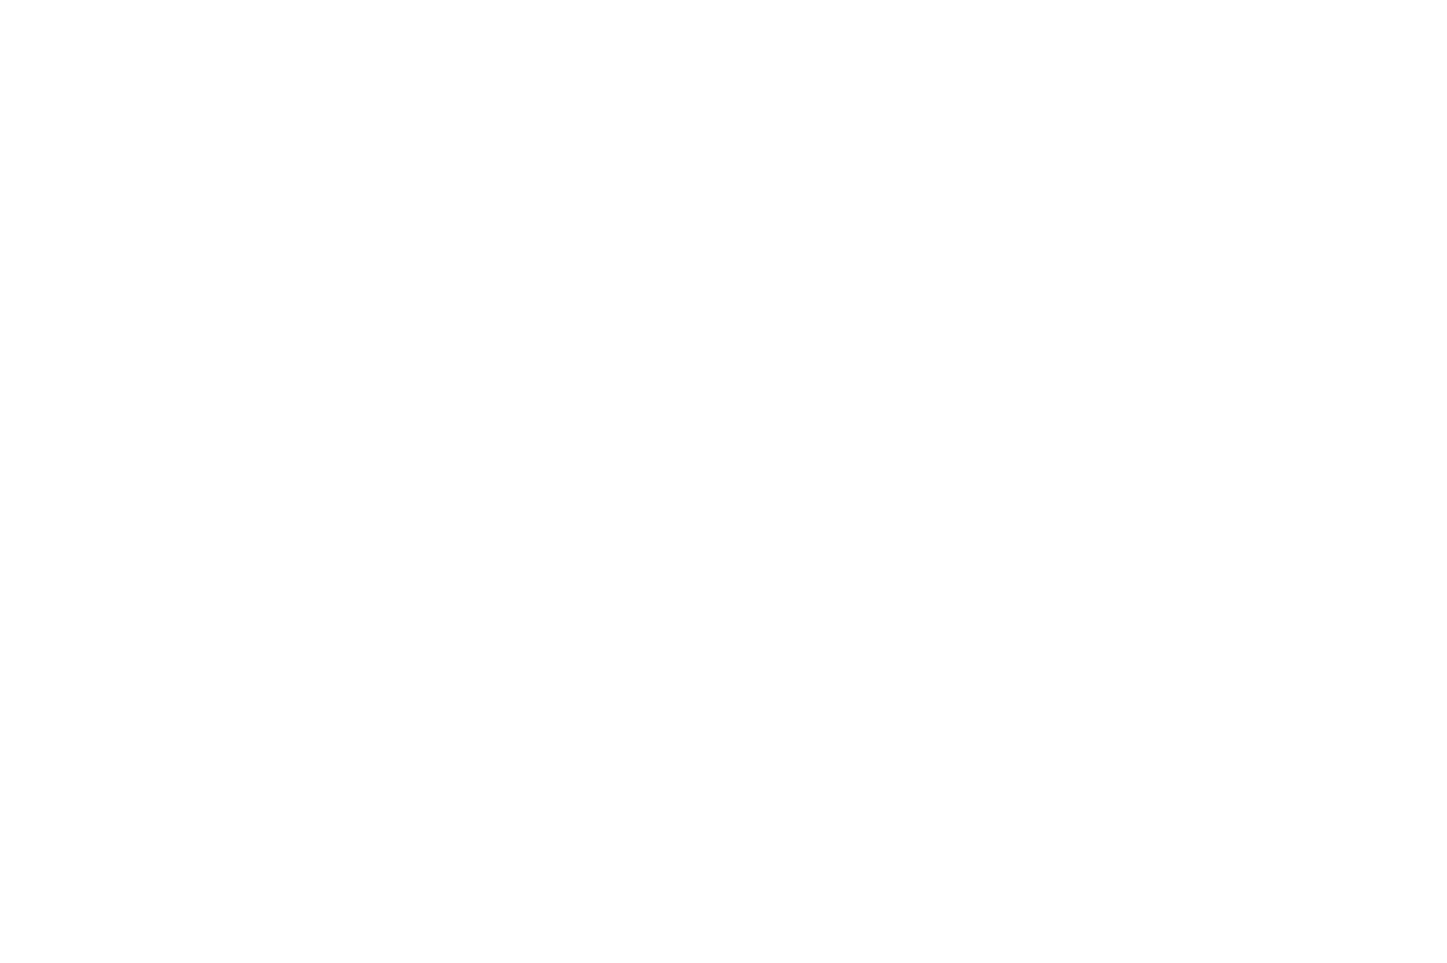 Jugendbotschafter, Lobby, Vertretung, DEIN MÜNCHEN, Spenden, helfen, Jugendliche, Kinder, Engagement, soziales, Bildung, benachteiligt, CSR, Unternehmen, unterstützen, Mut auf Zukunft, Mut, Teilhabe, Gesellschaft, Verantwortung, Nachhaltigkeit, München, NO LIMITS, faire Startbedingungen, Chancen, Perspektiven